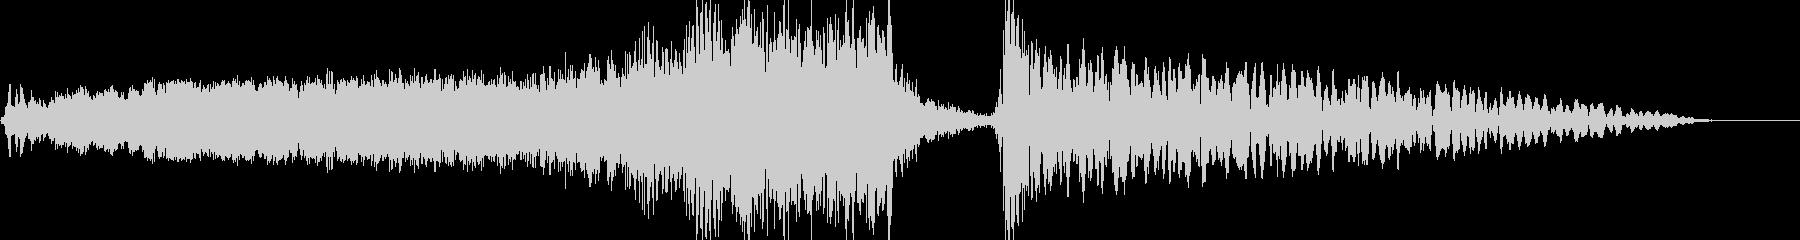 ホラースプラッター映画タイトルロゴの未再生の波形